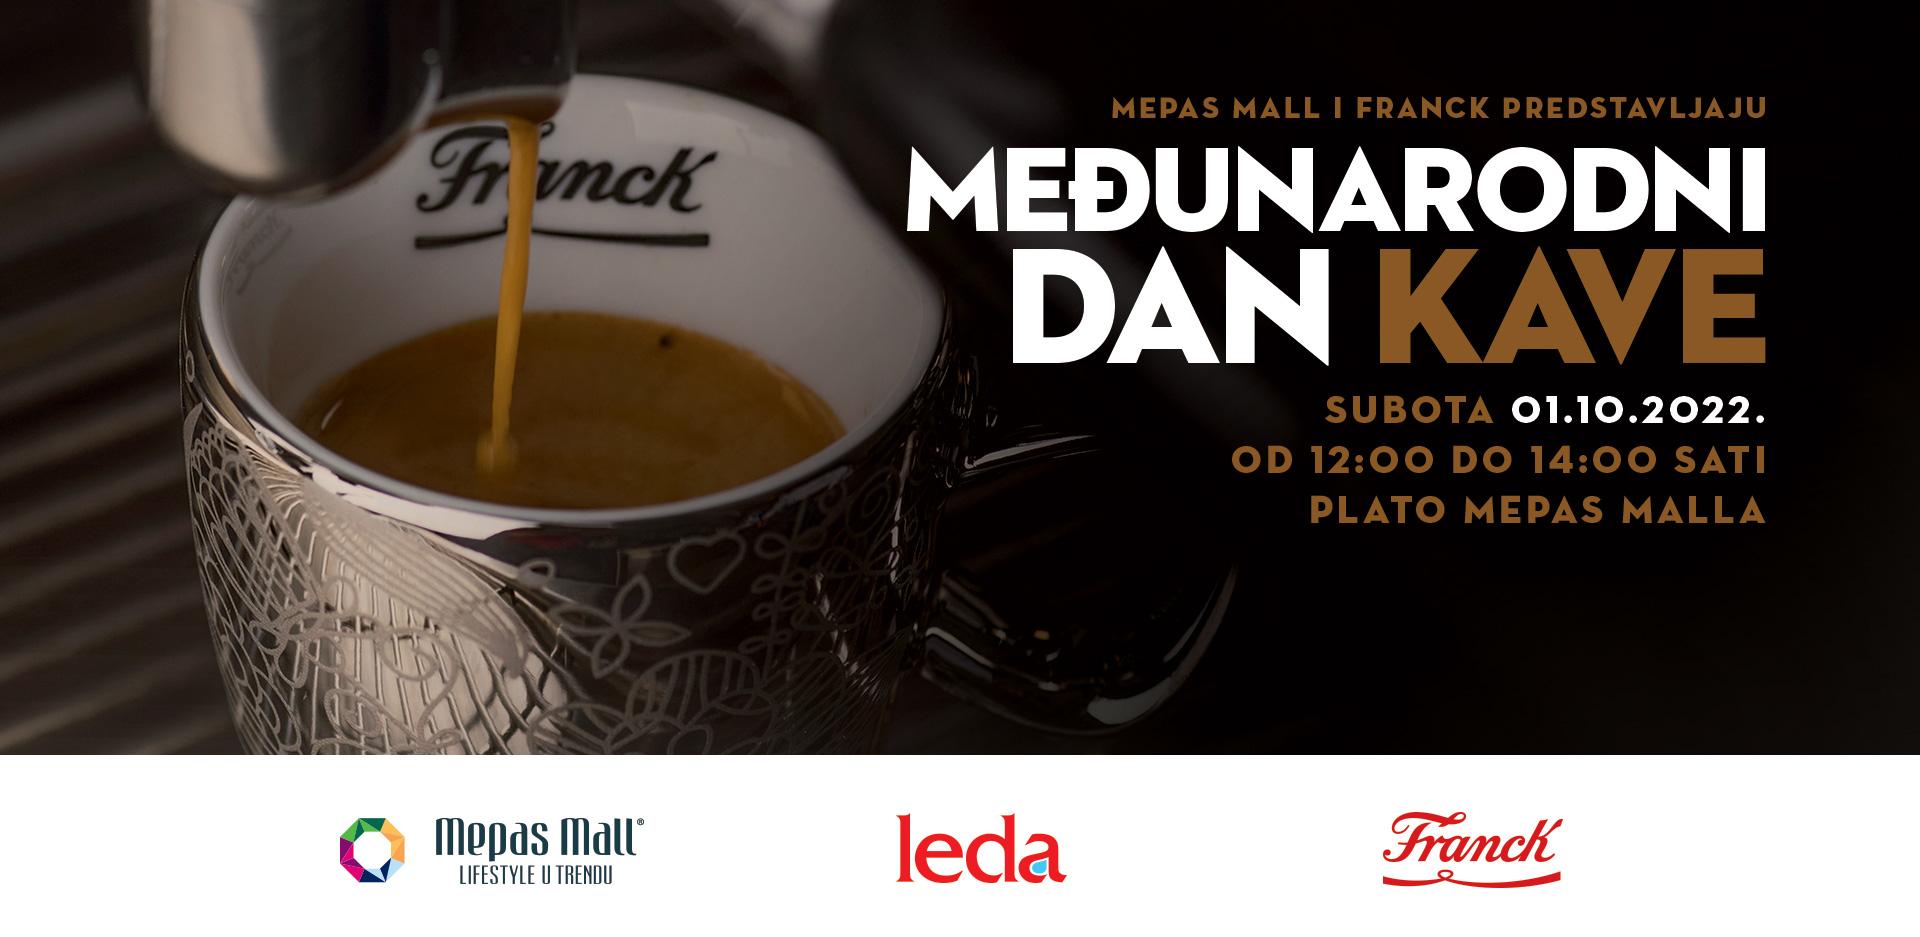 Mepas Mall Drama Dan 09/2021